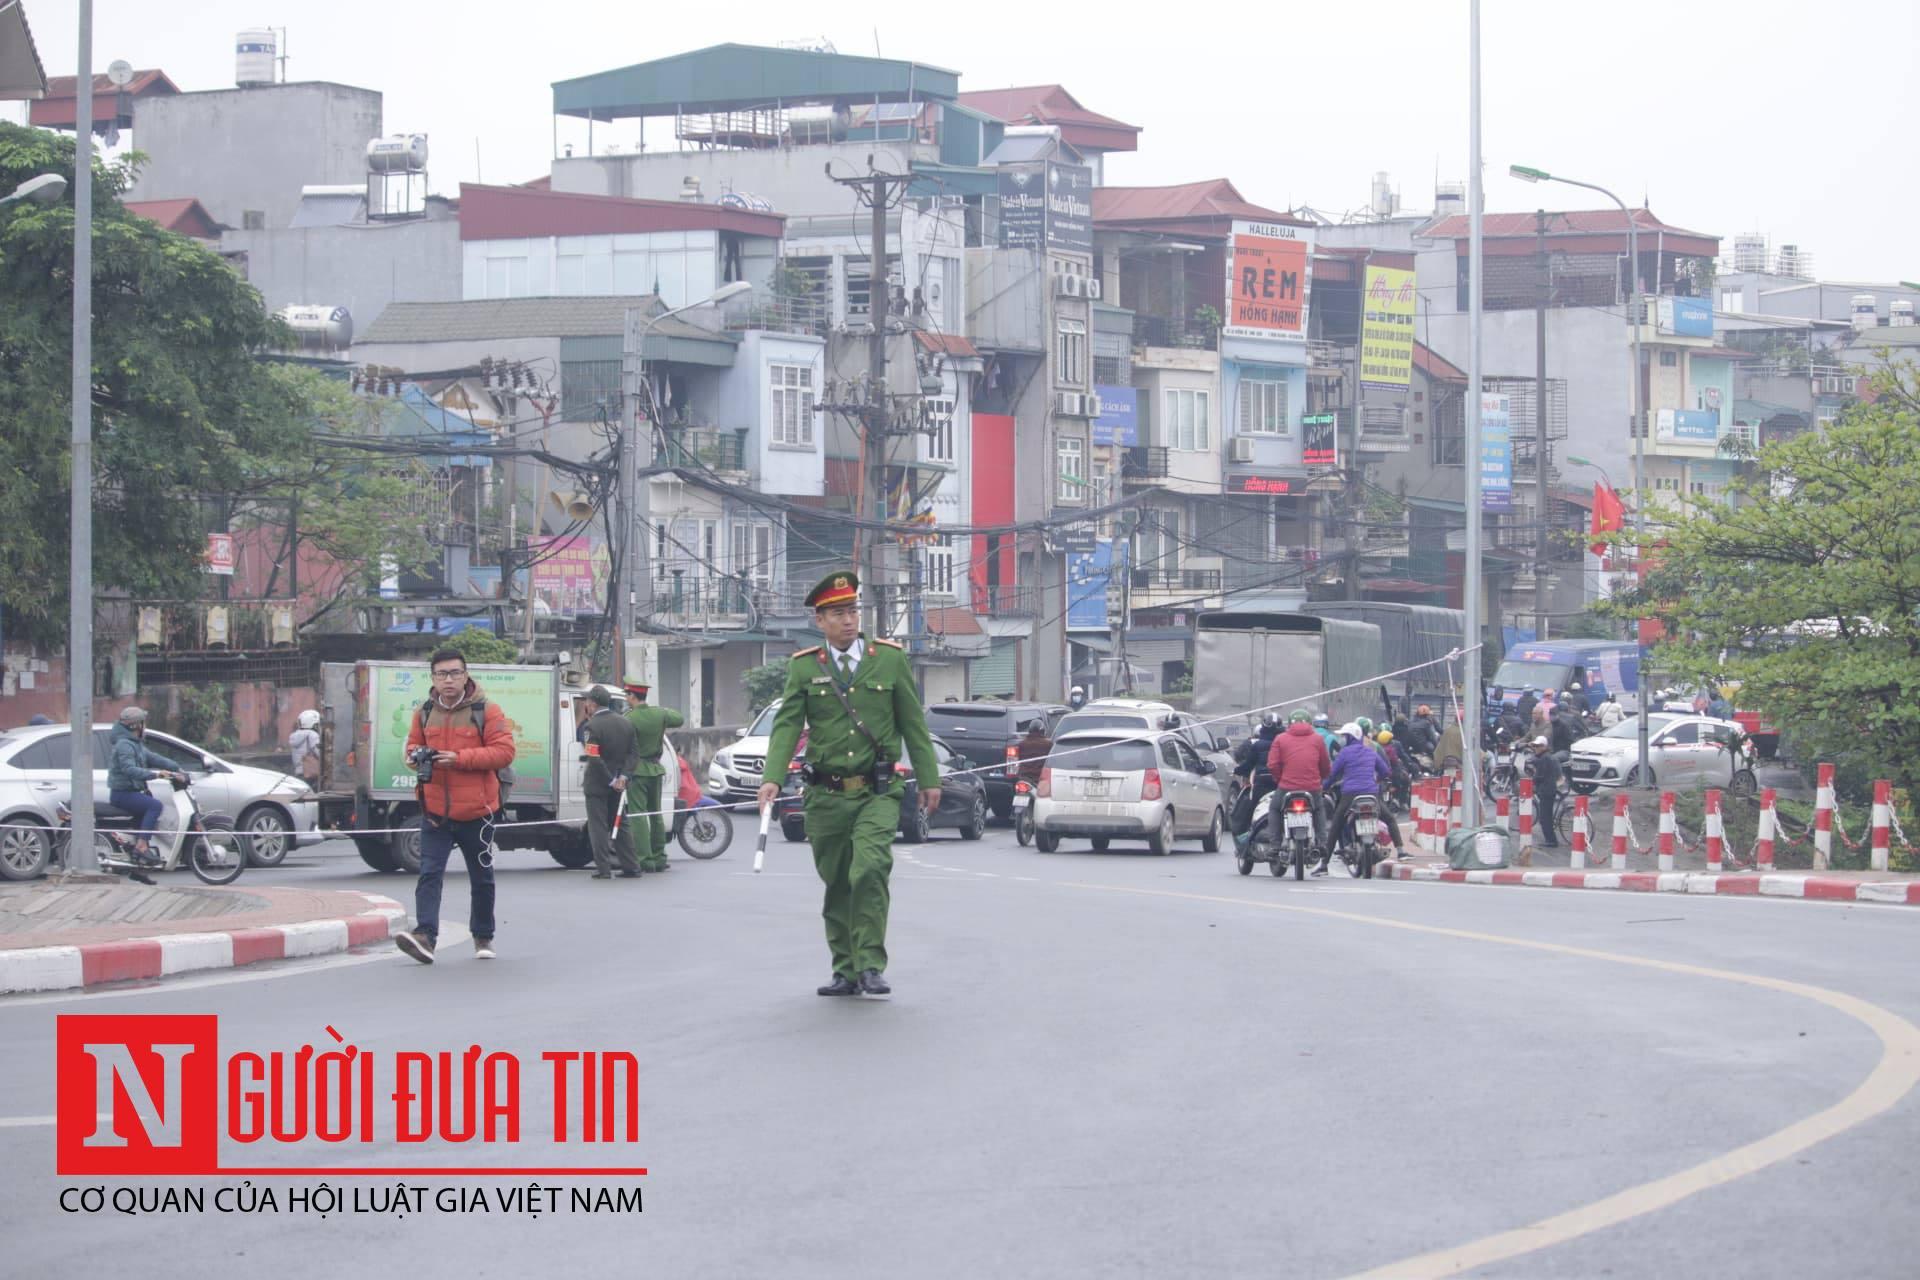 [Trực tiếp] Cận cảnh lực lượng an ninh dày đặc quanh khách sạn nơi Chủ tịch Kim Jong-un vừa có mặt - Ảnh 15